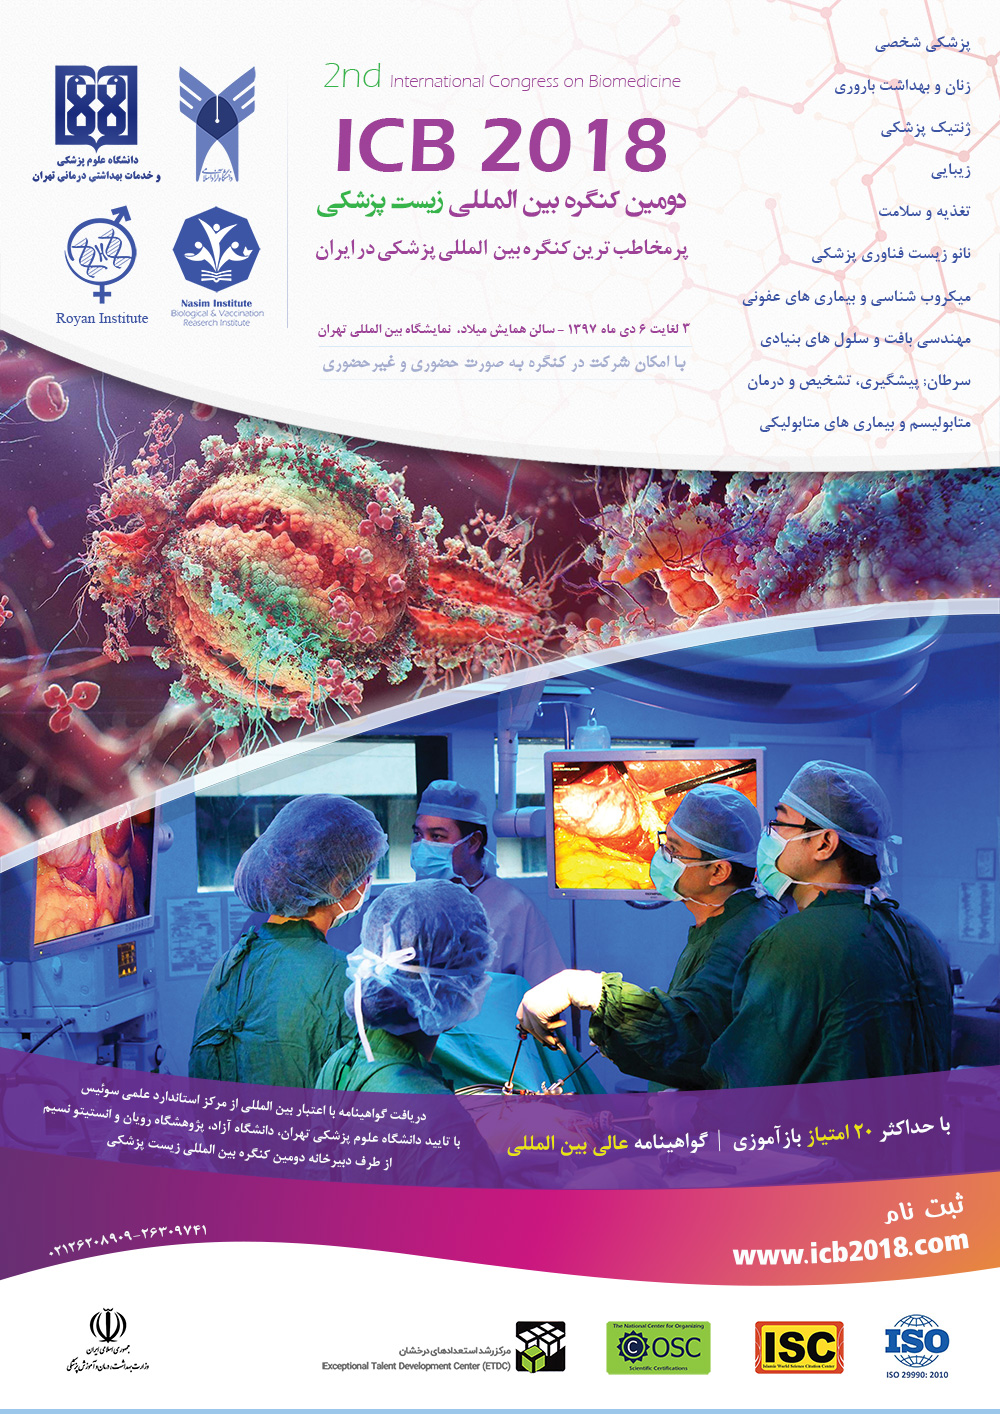 دومین کنگره بین المللی زیست پزشکی ایران